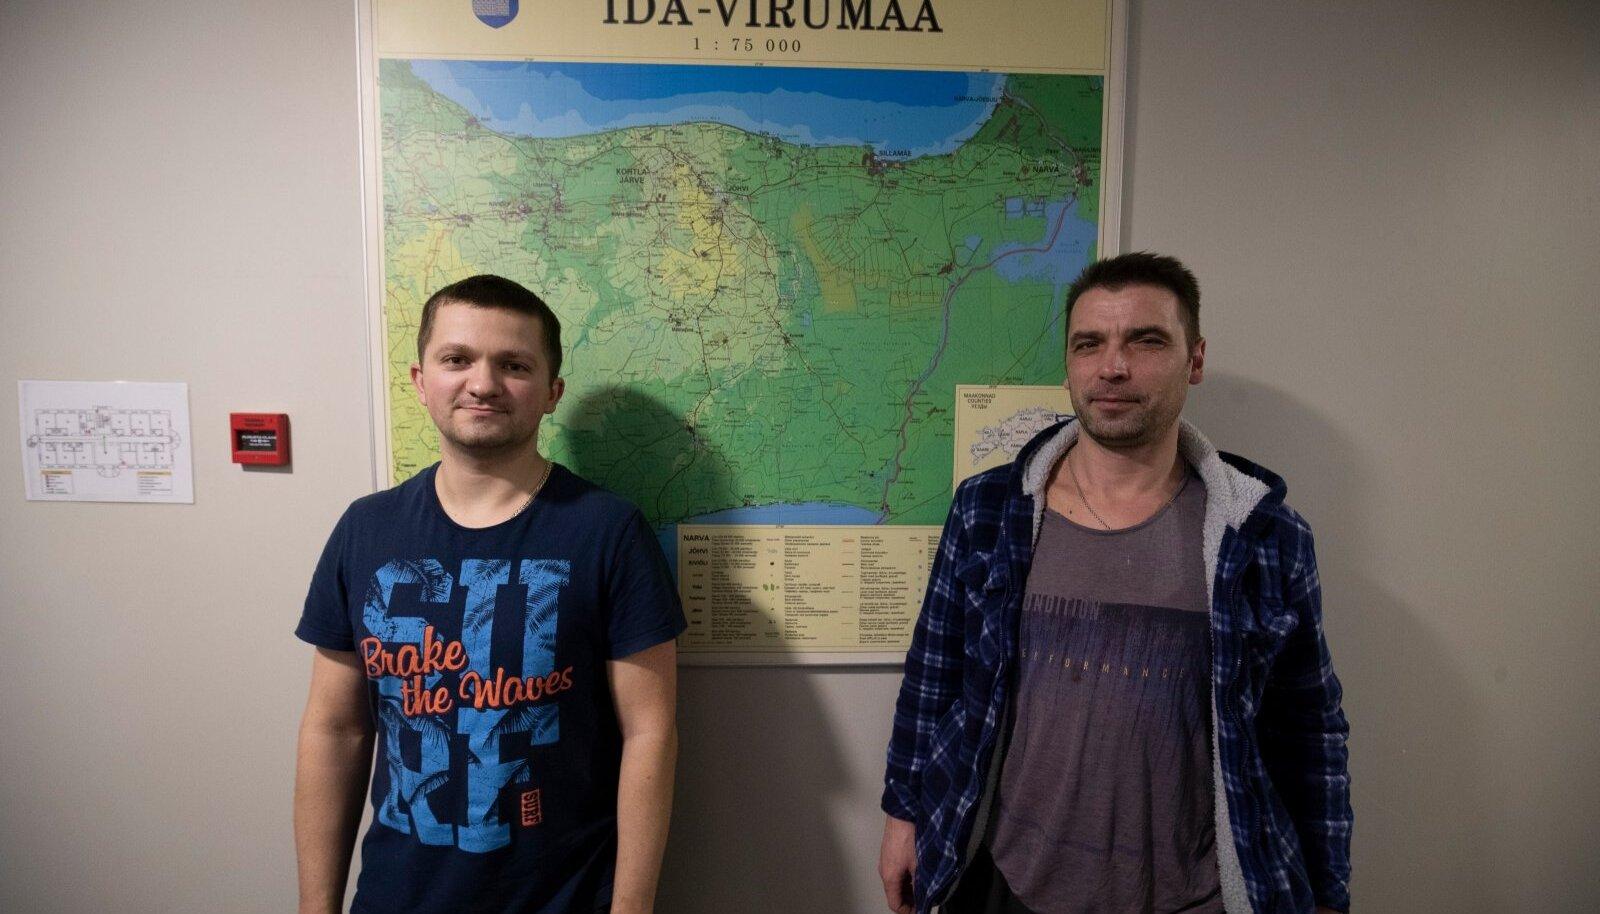 Юрий (справа) родом из Харьковской области, Александр из Борисова.